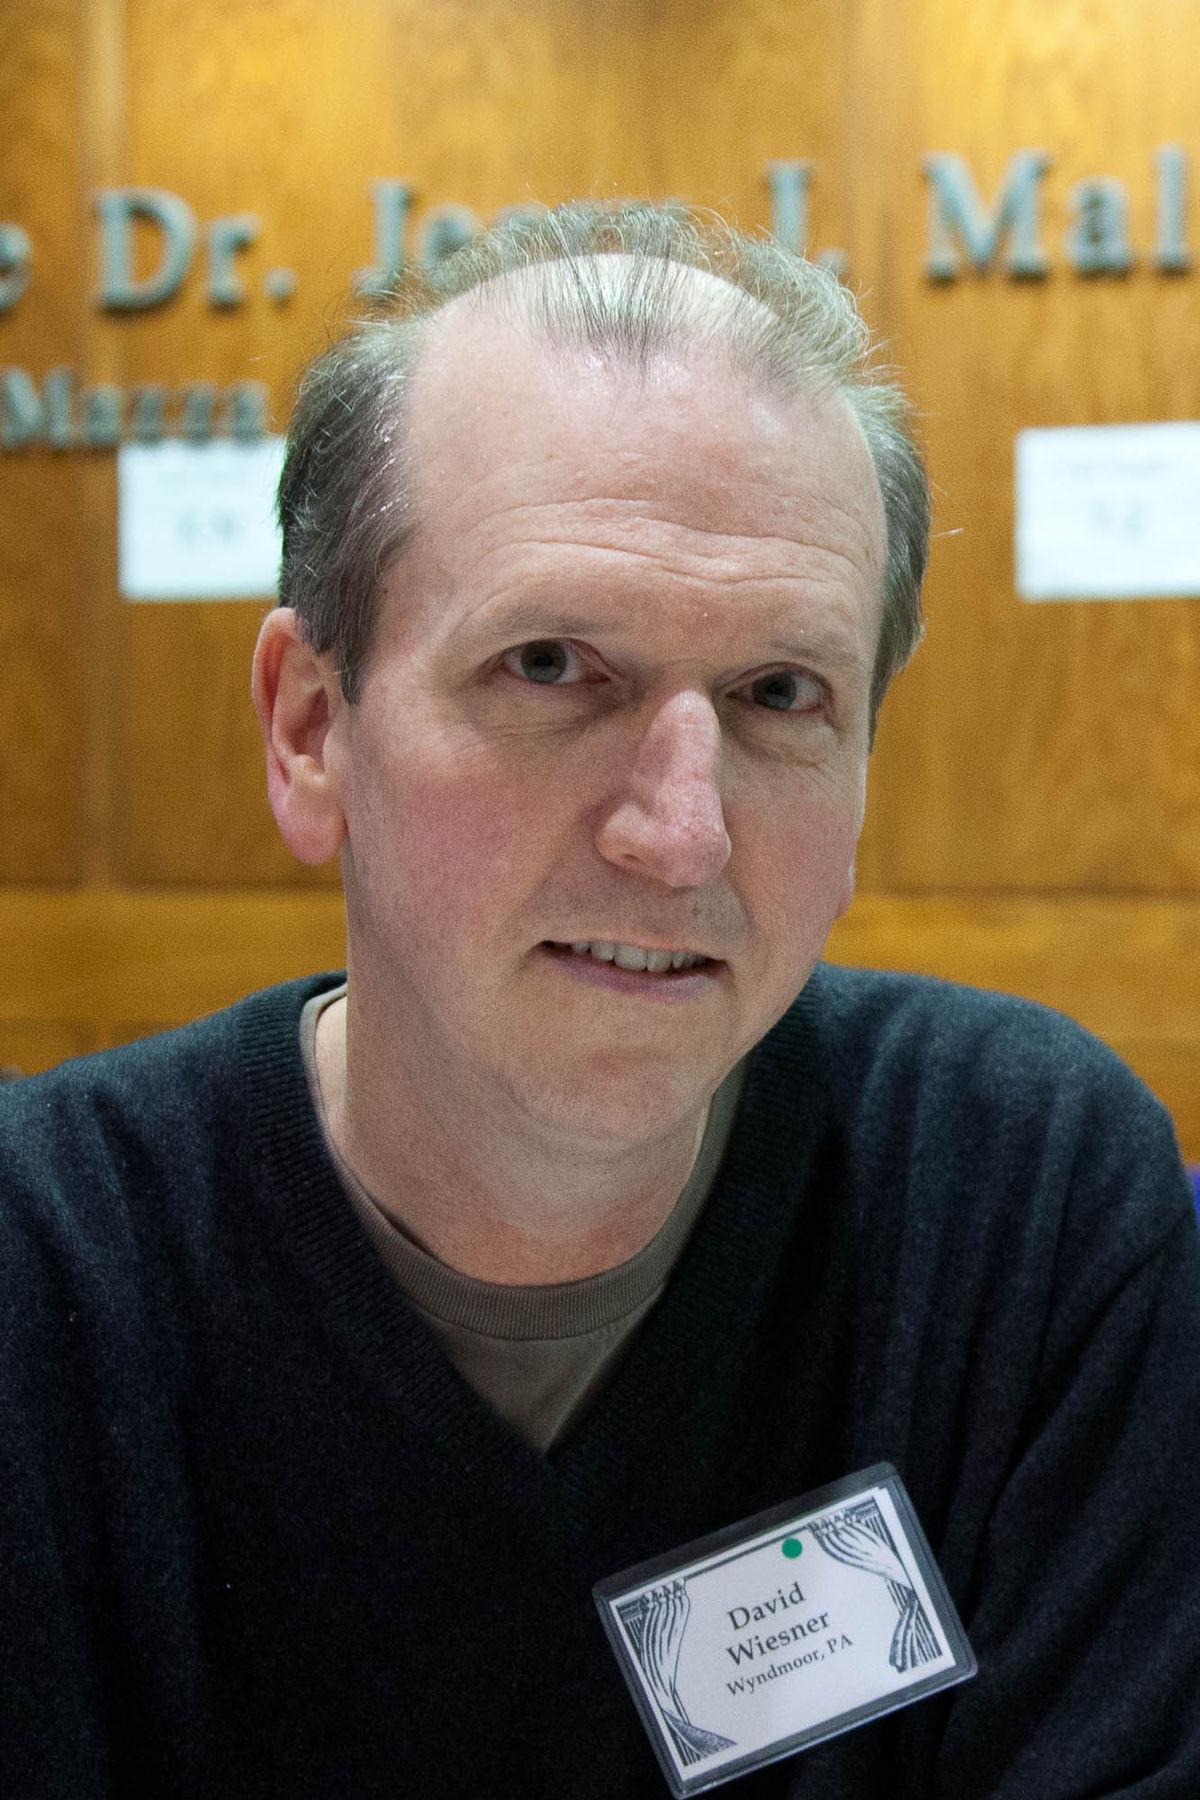 David Wiesner Wikipedia